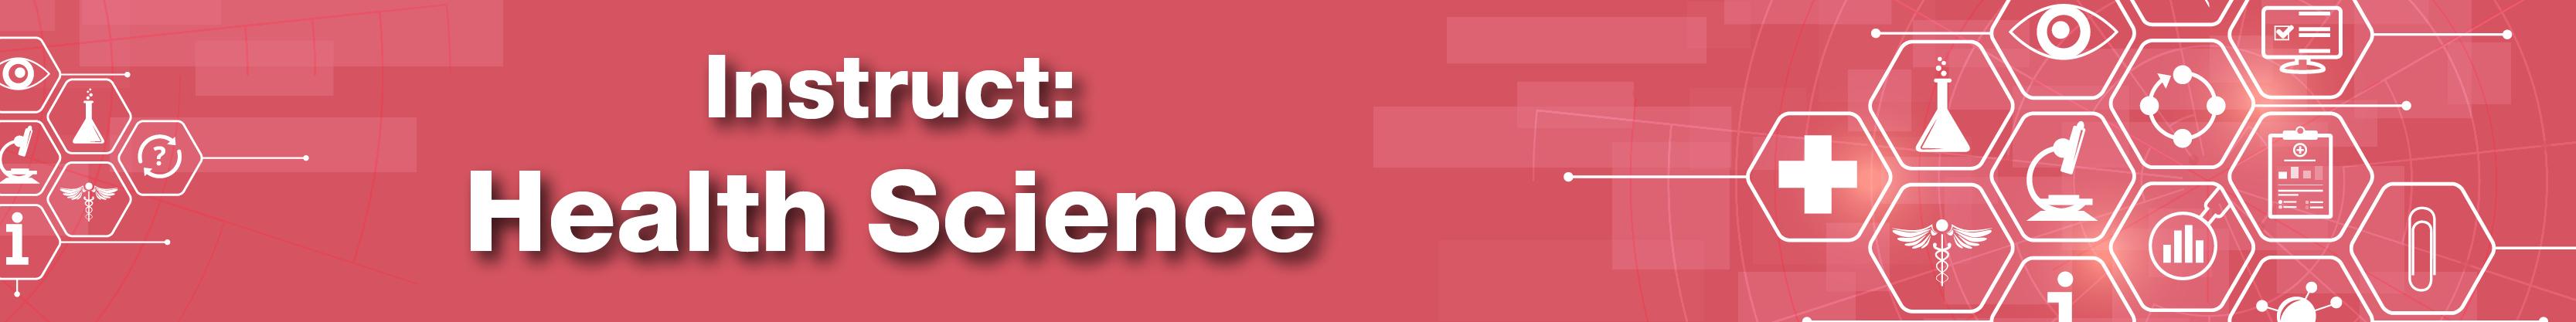 InstructHealthScience_LandingPageHeader_1600x200 v2-2